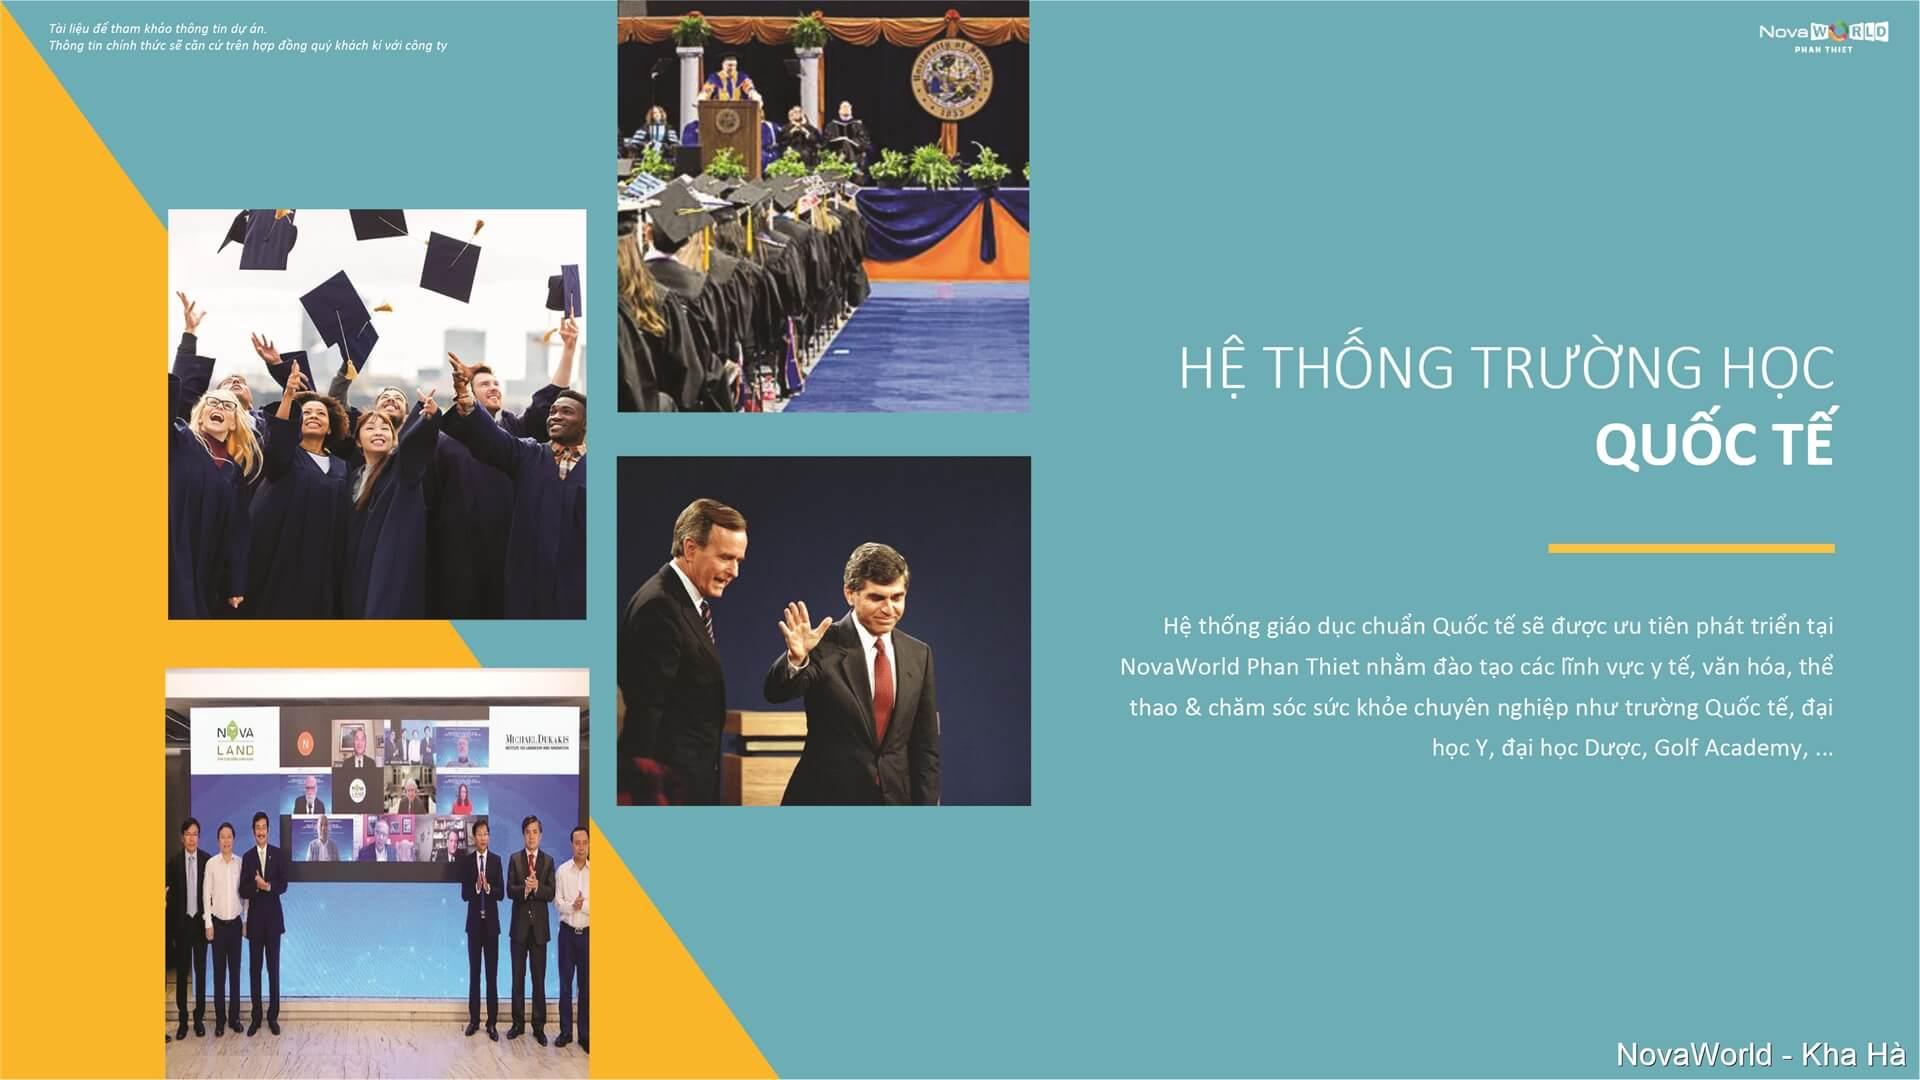 he-thong-truong-hoc-quoc-te-danh-tieng